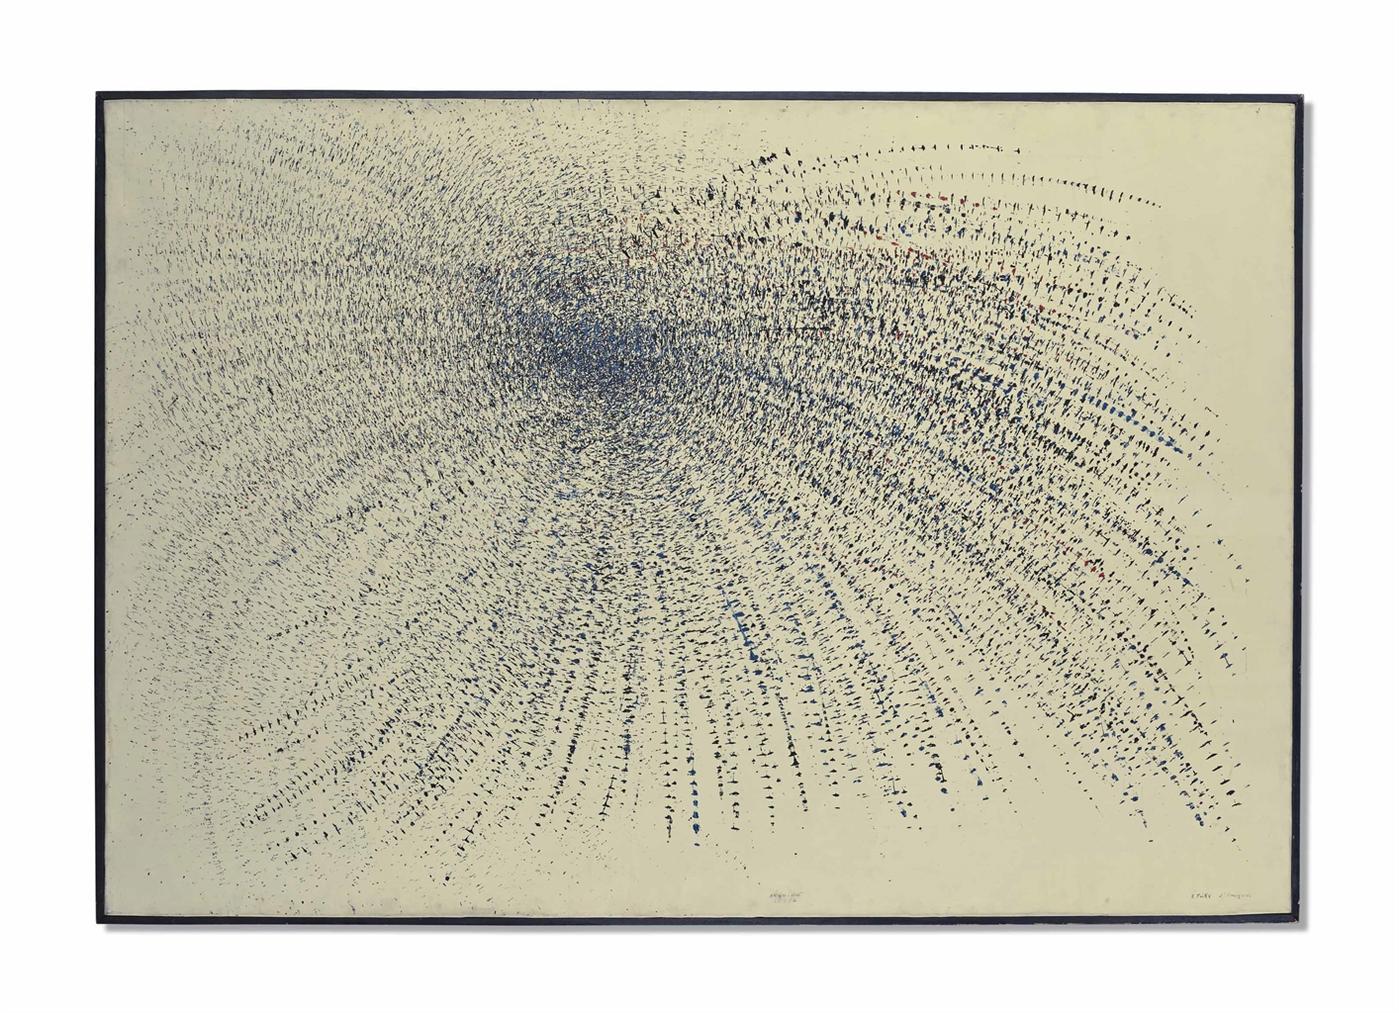 Bernard Requichot-Etoile Daraignee-1958